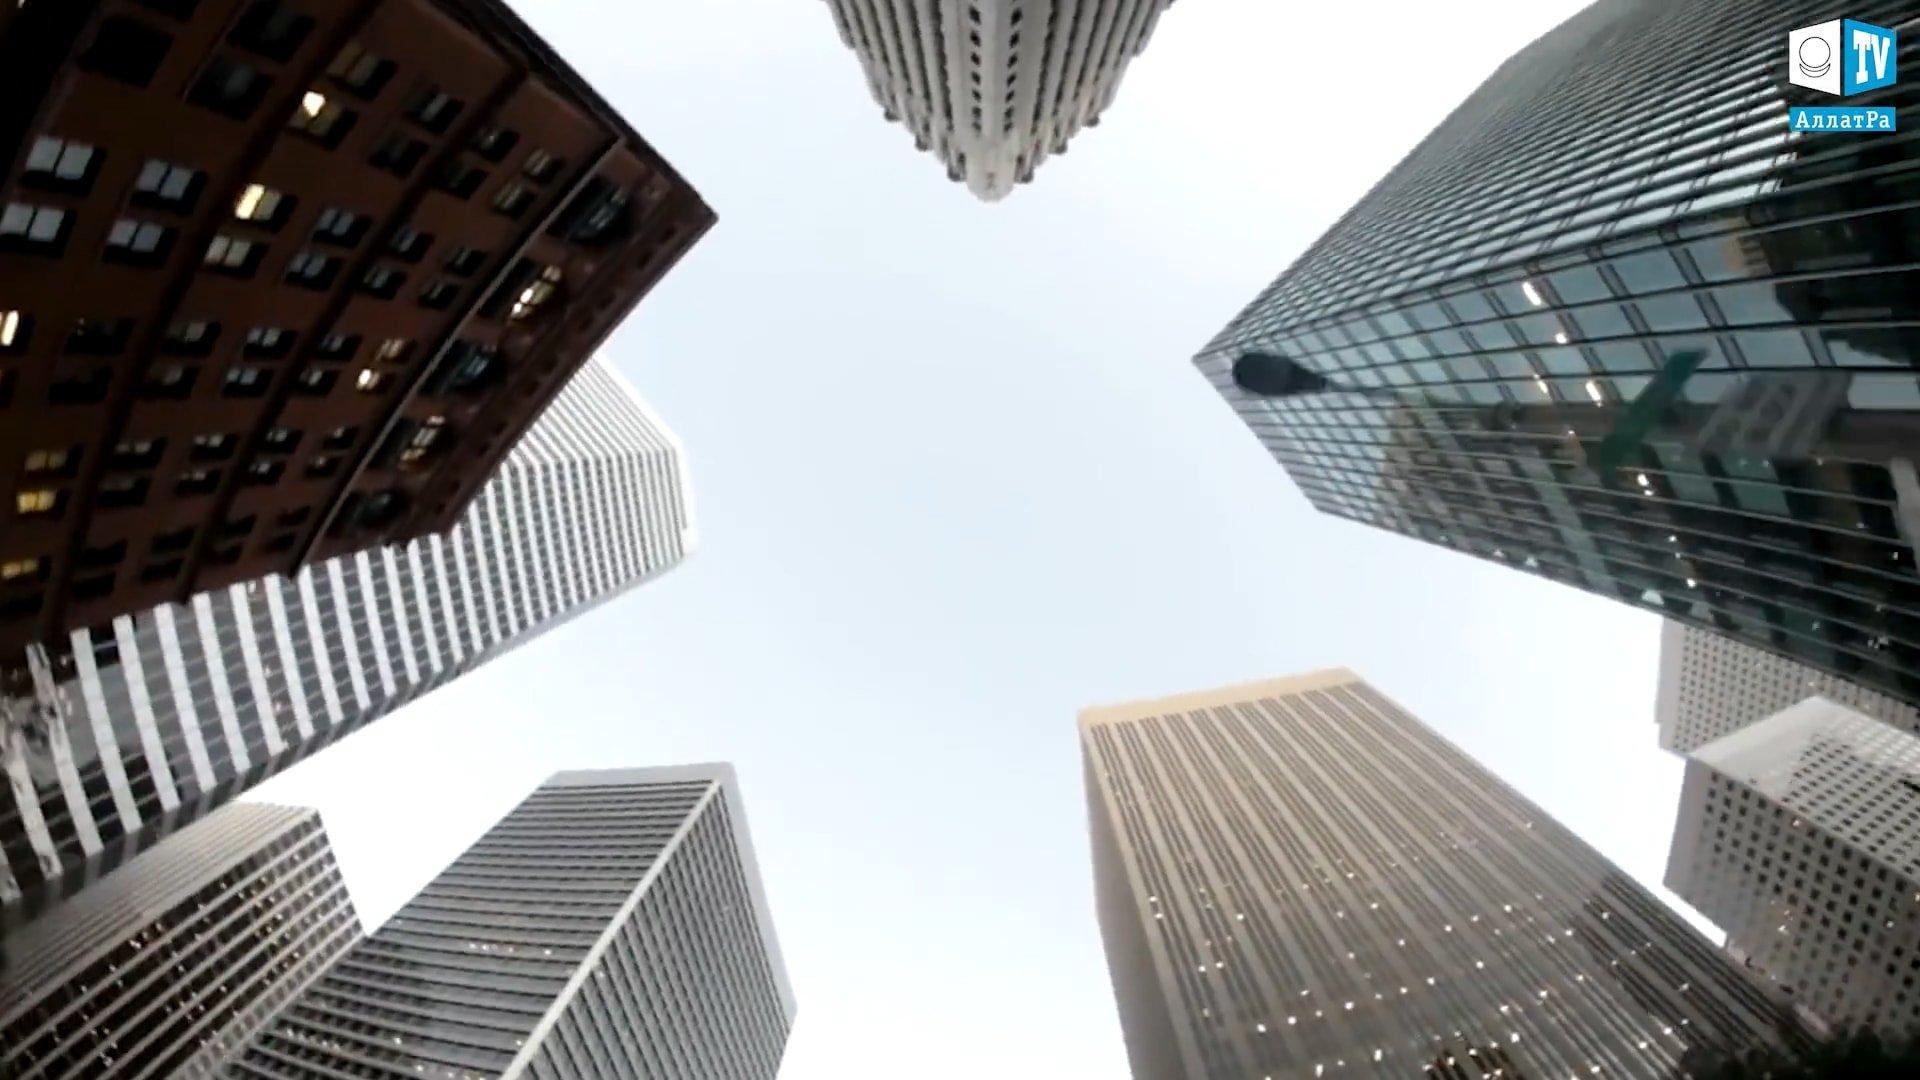 Obloha v mrakodrapech. Foto